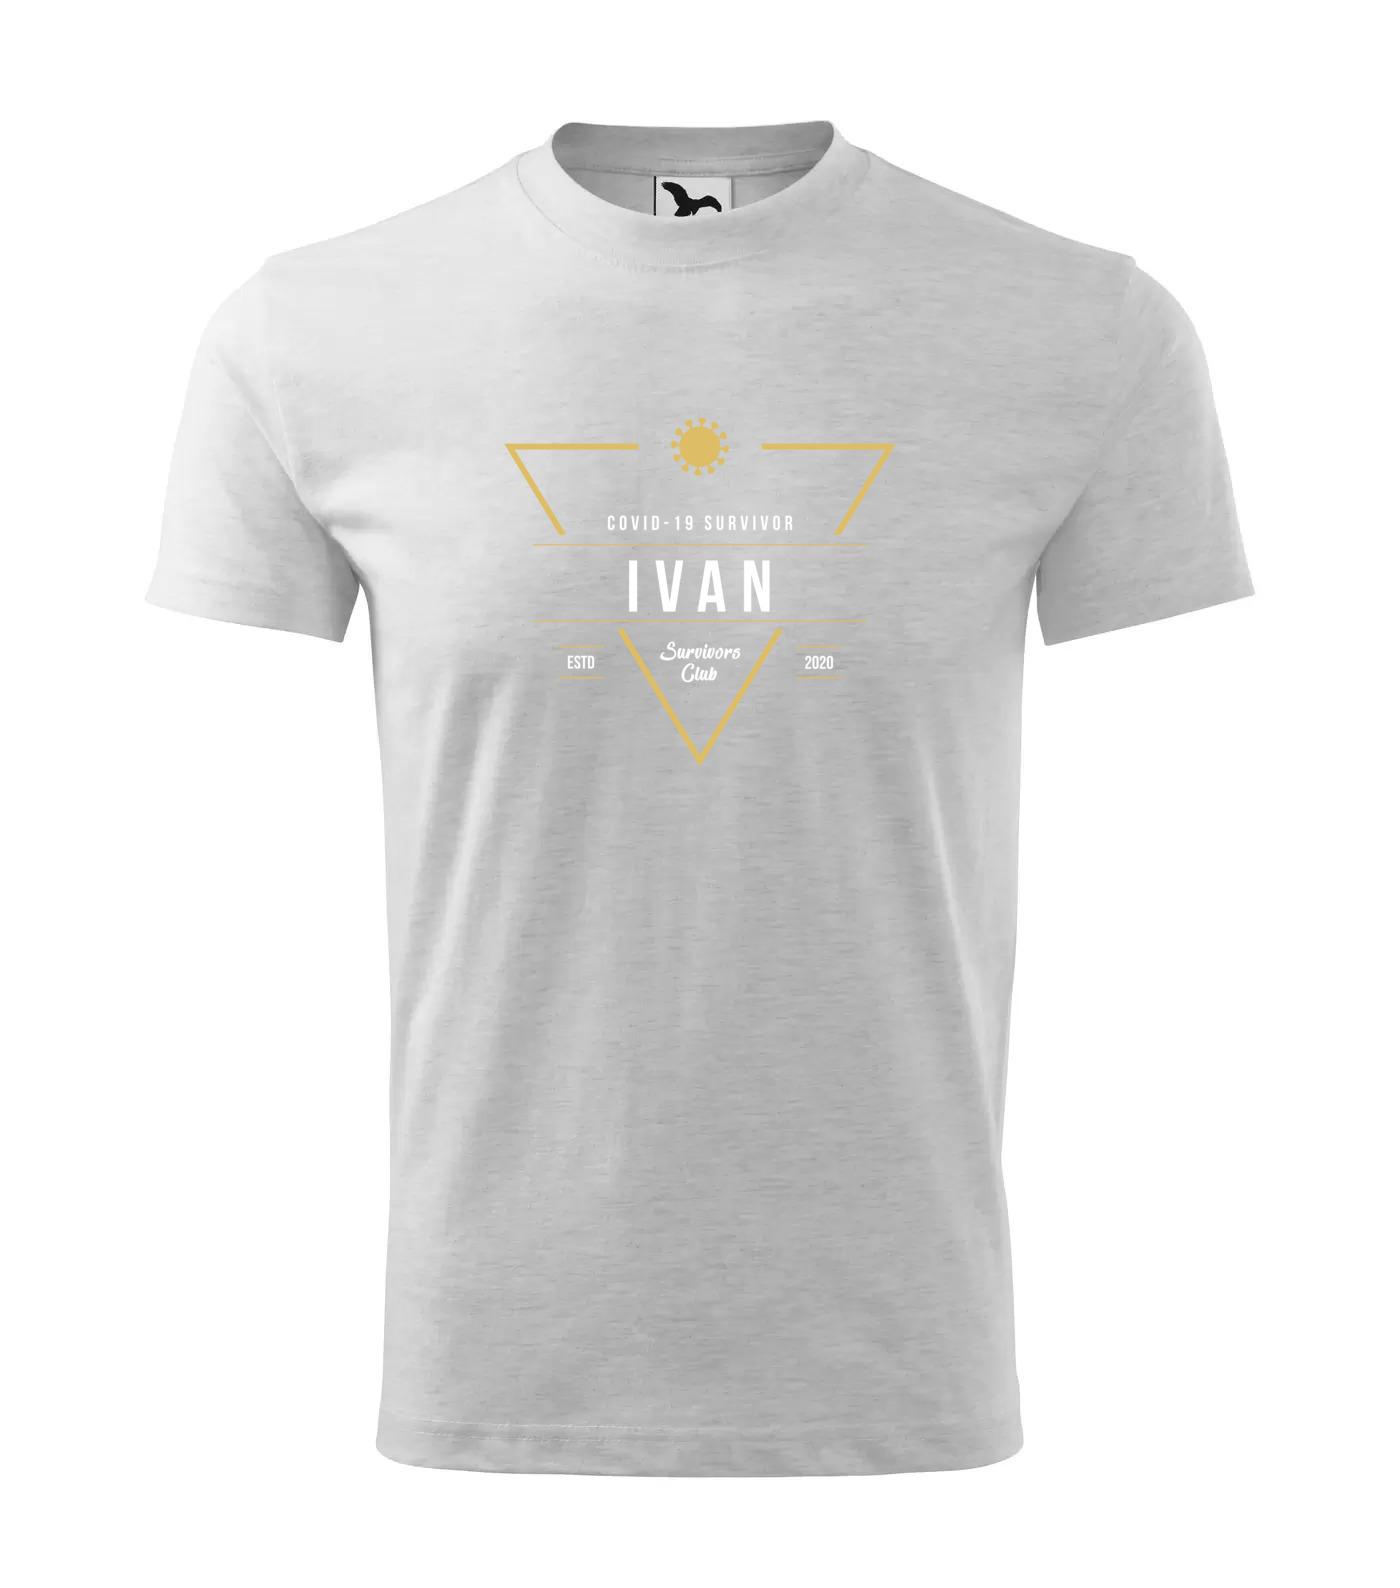 Tričko Survivor Club Ivan